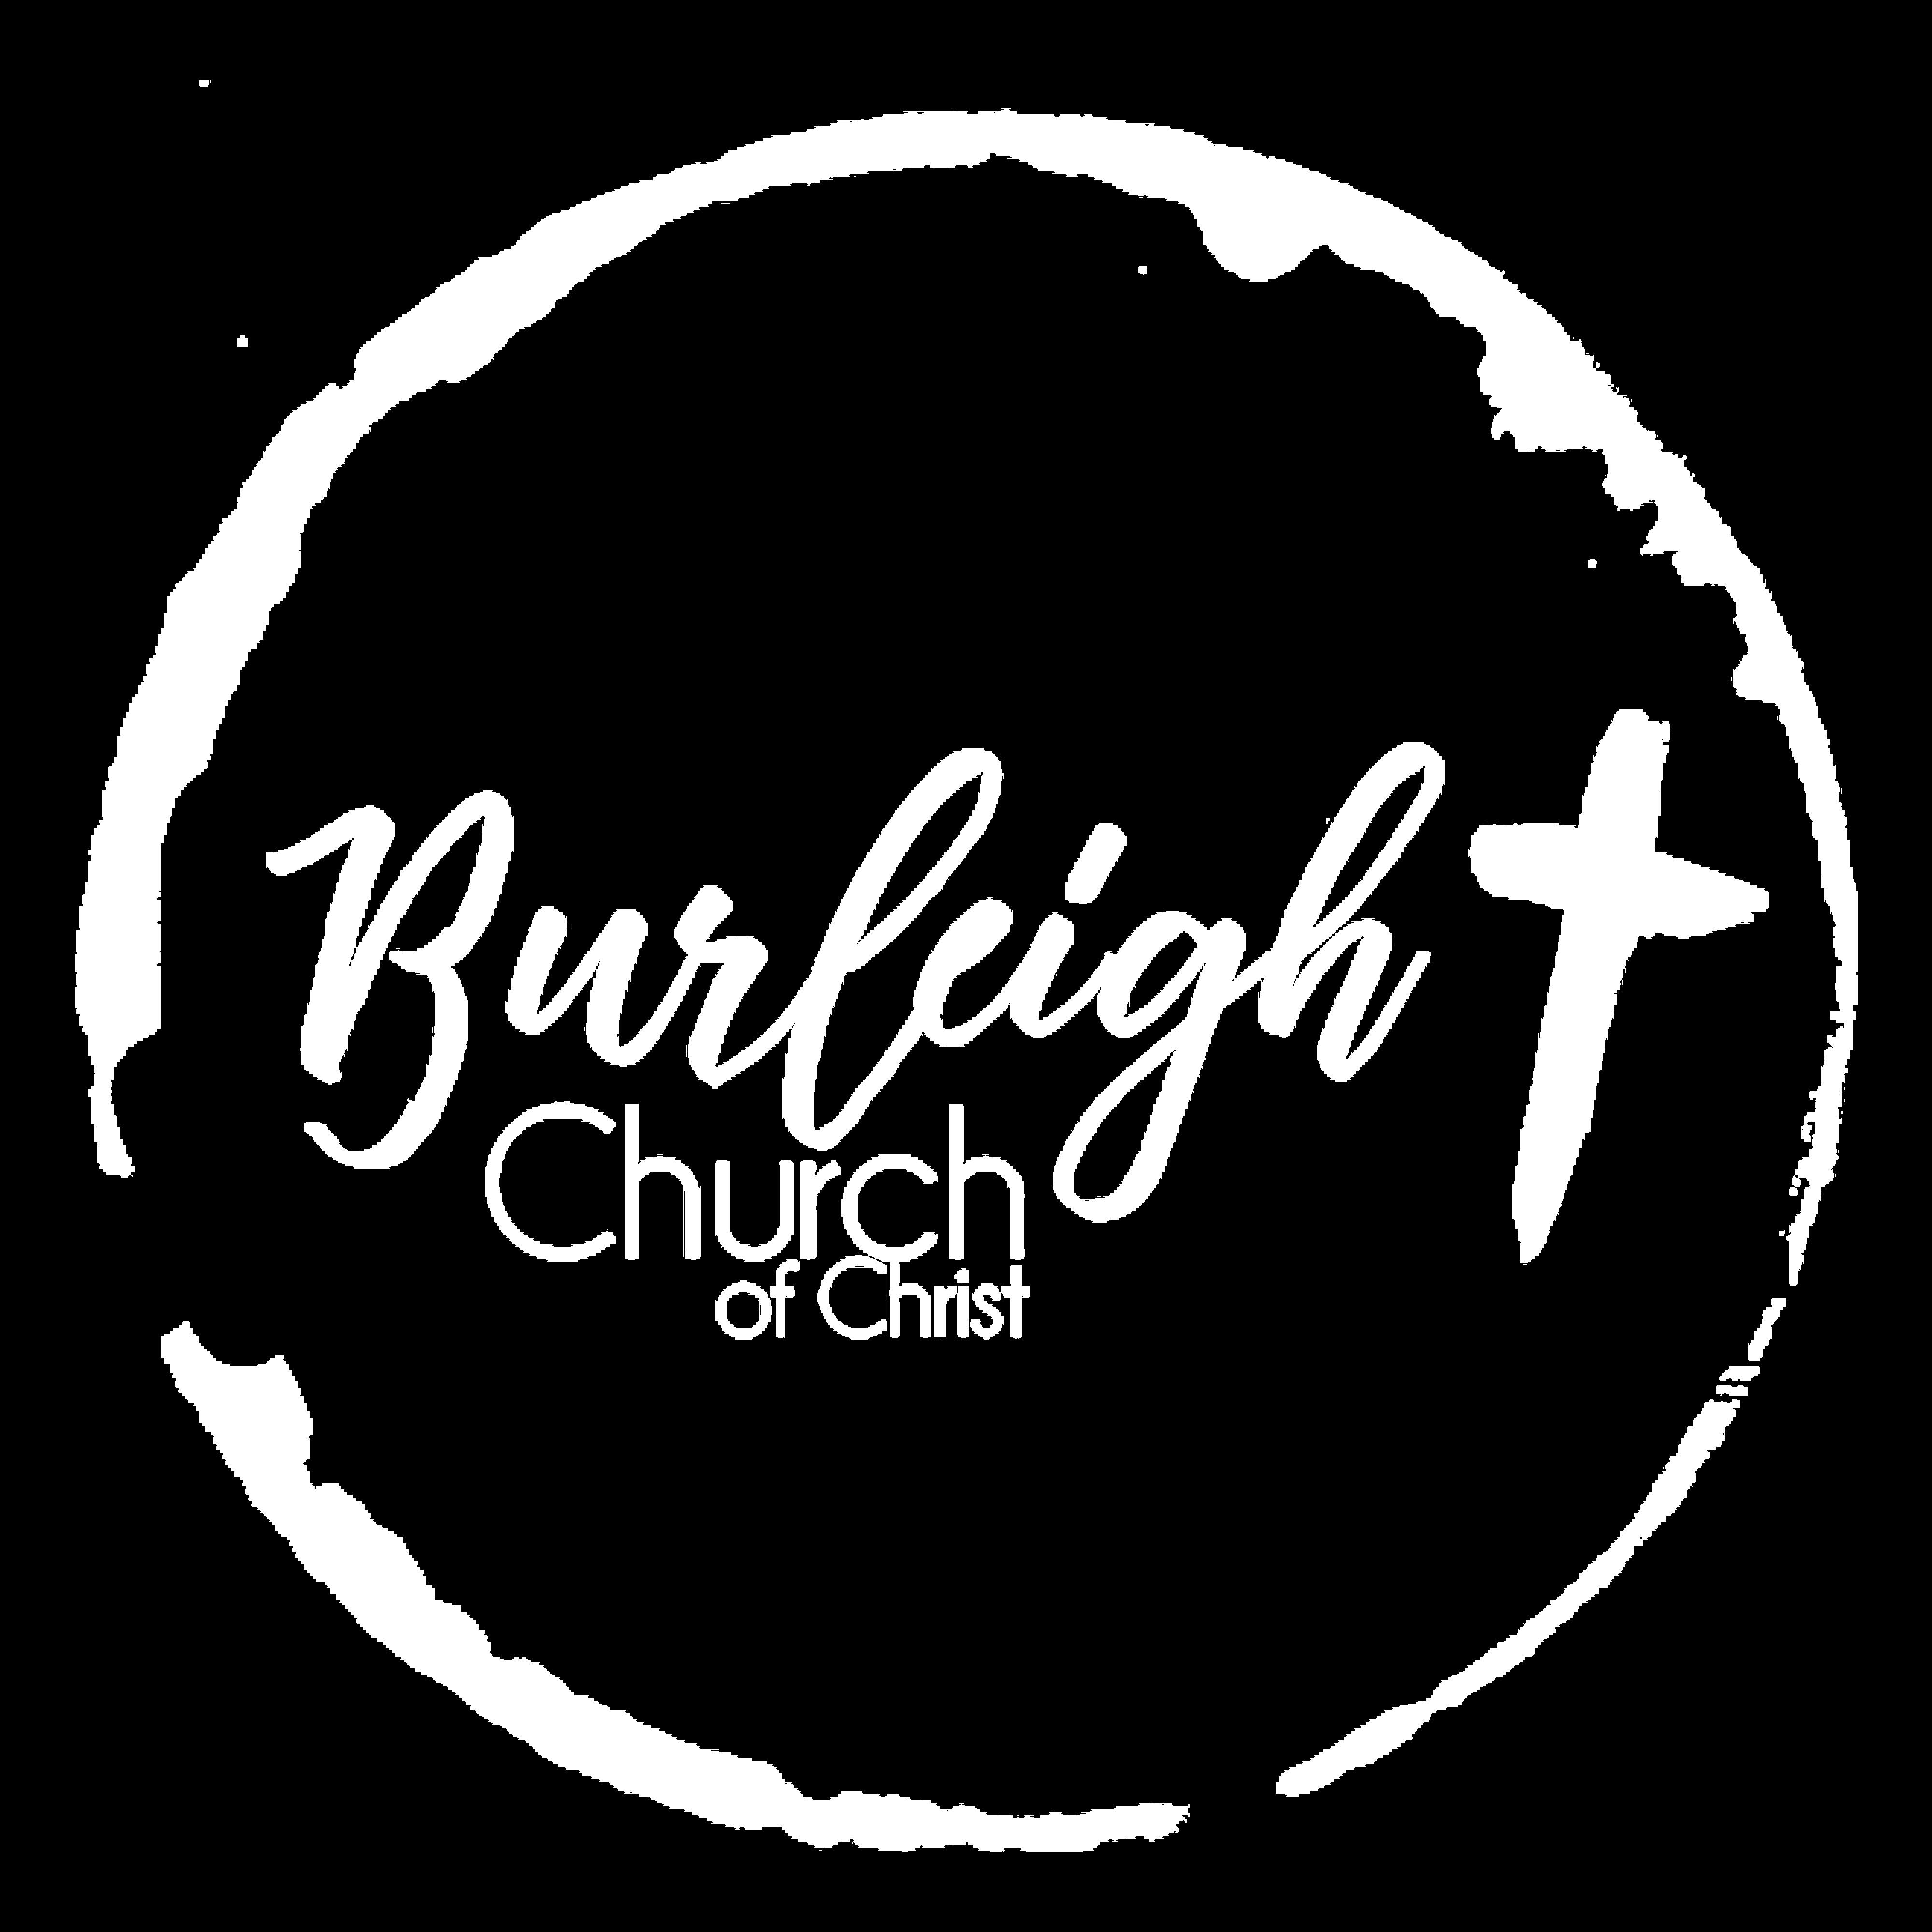 Burleigh Church